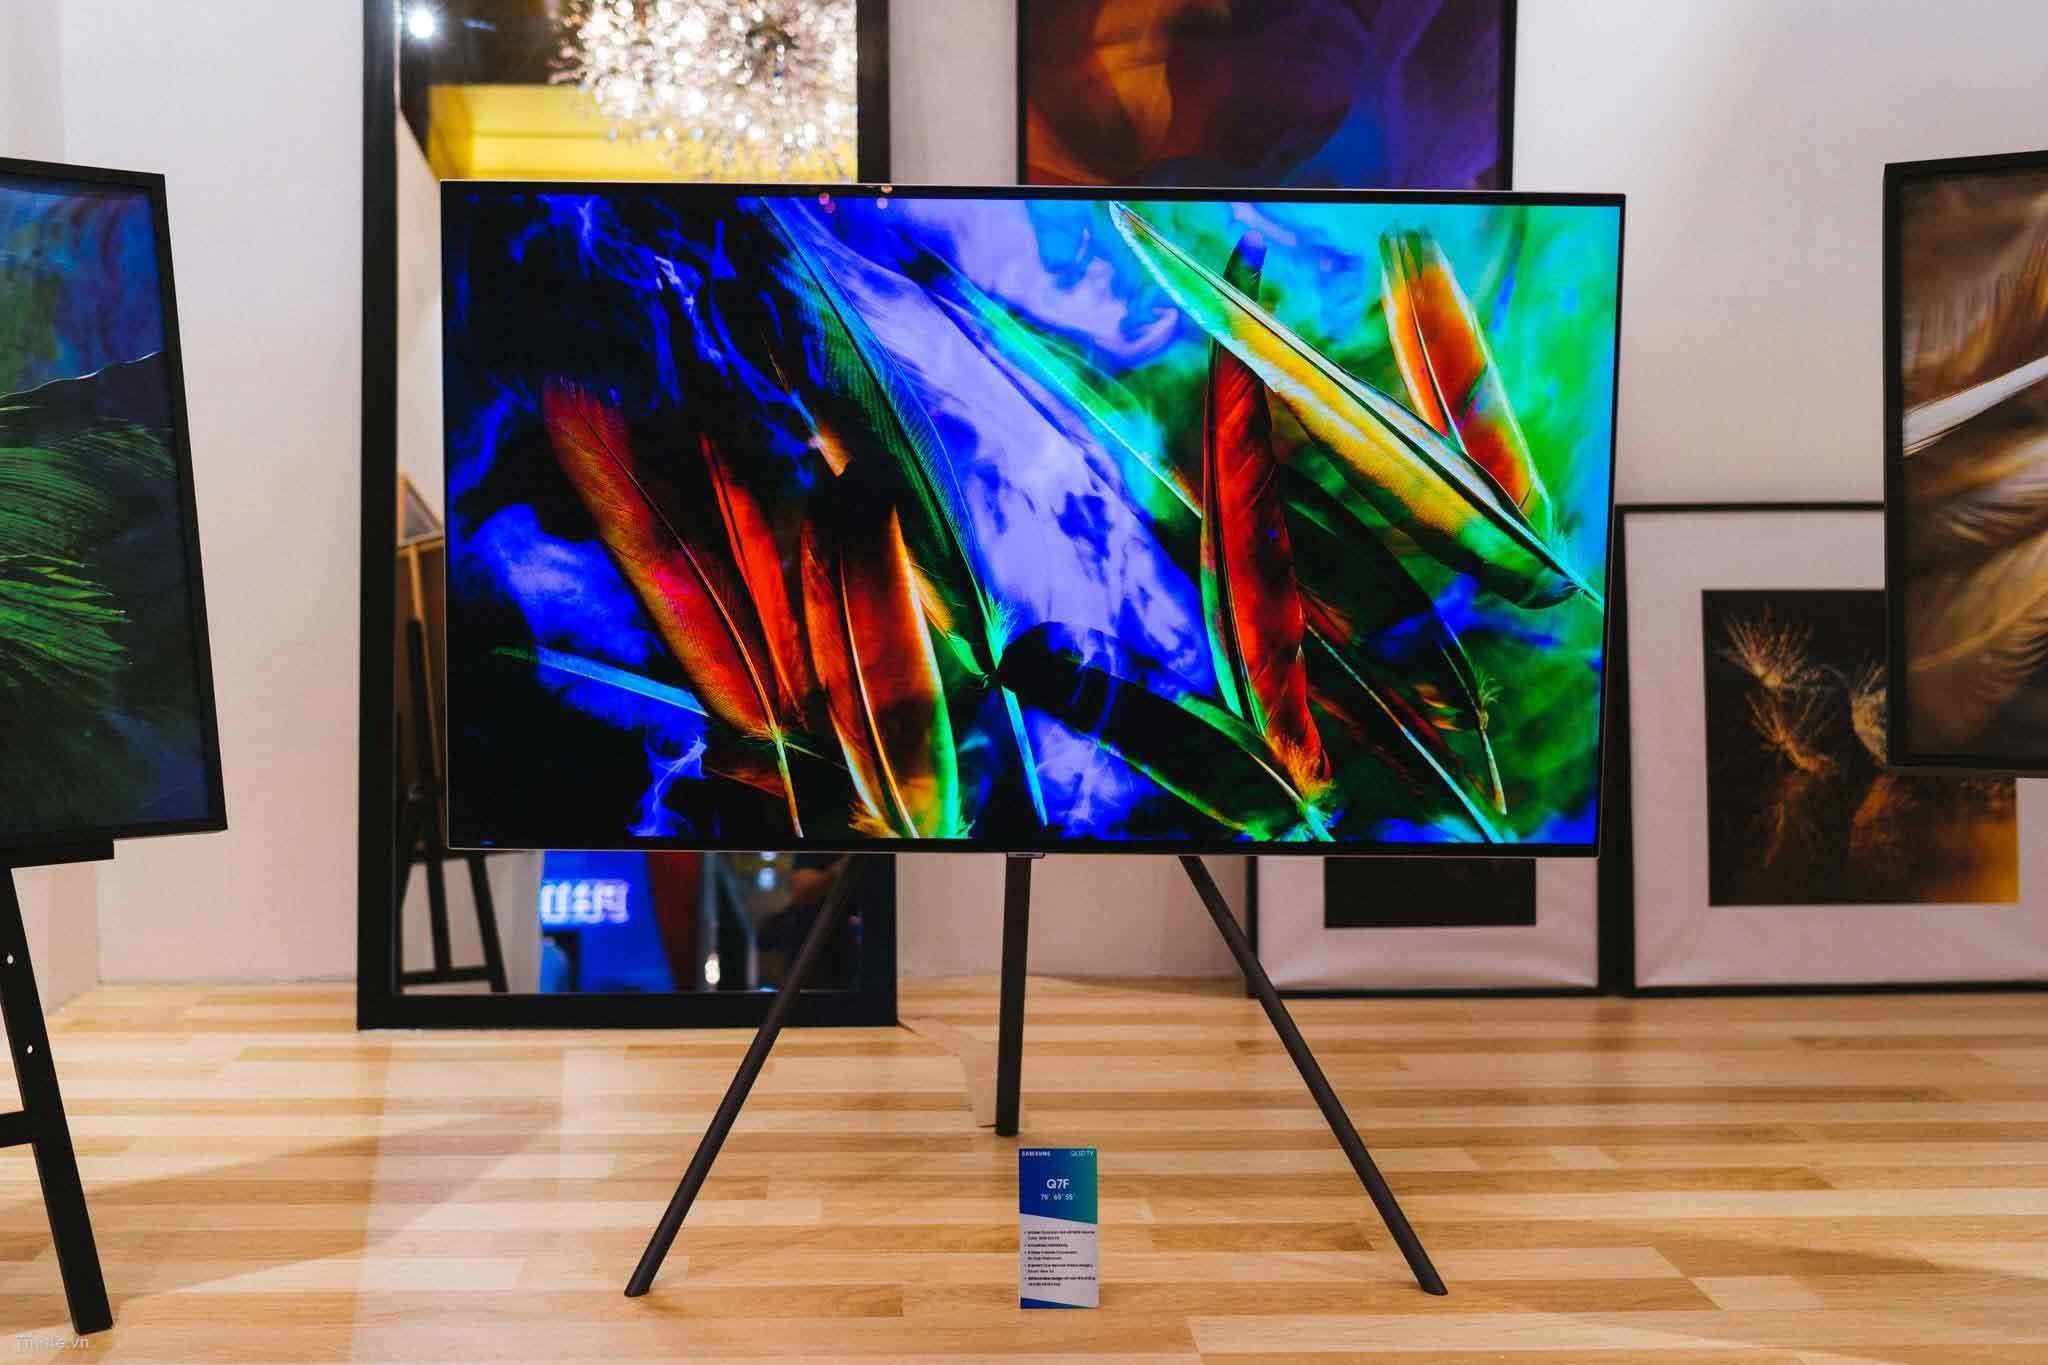 TV_4K_HDR.jpg